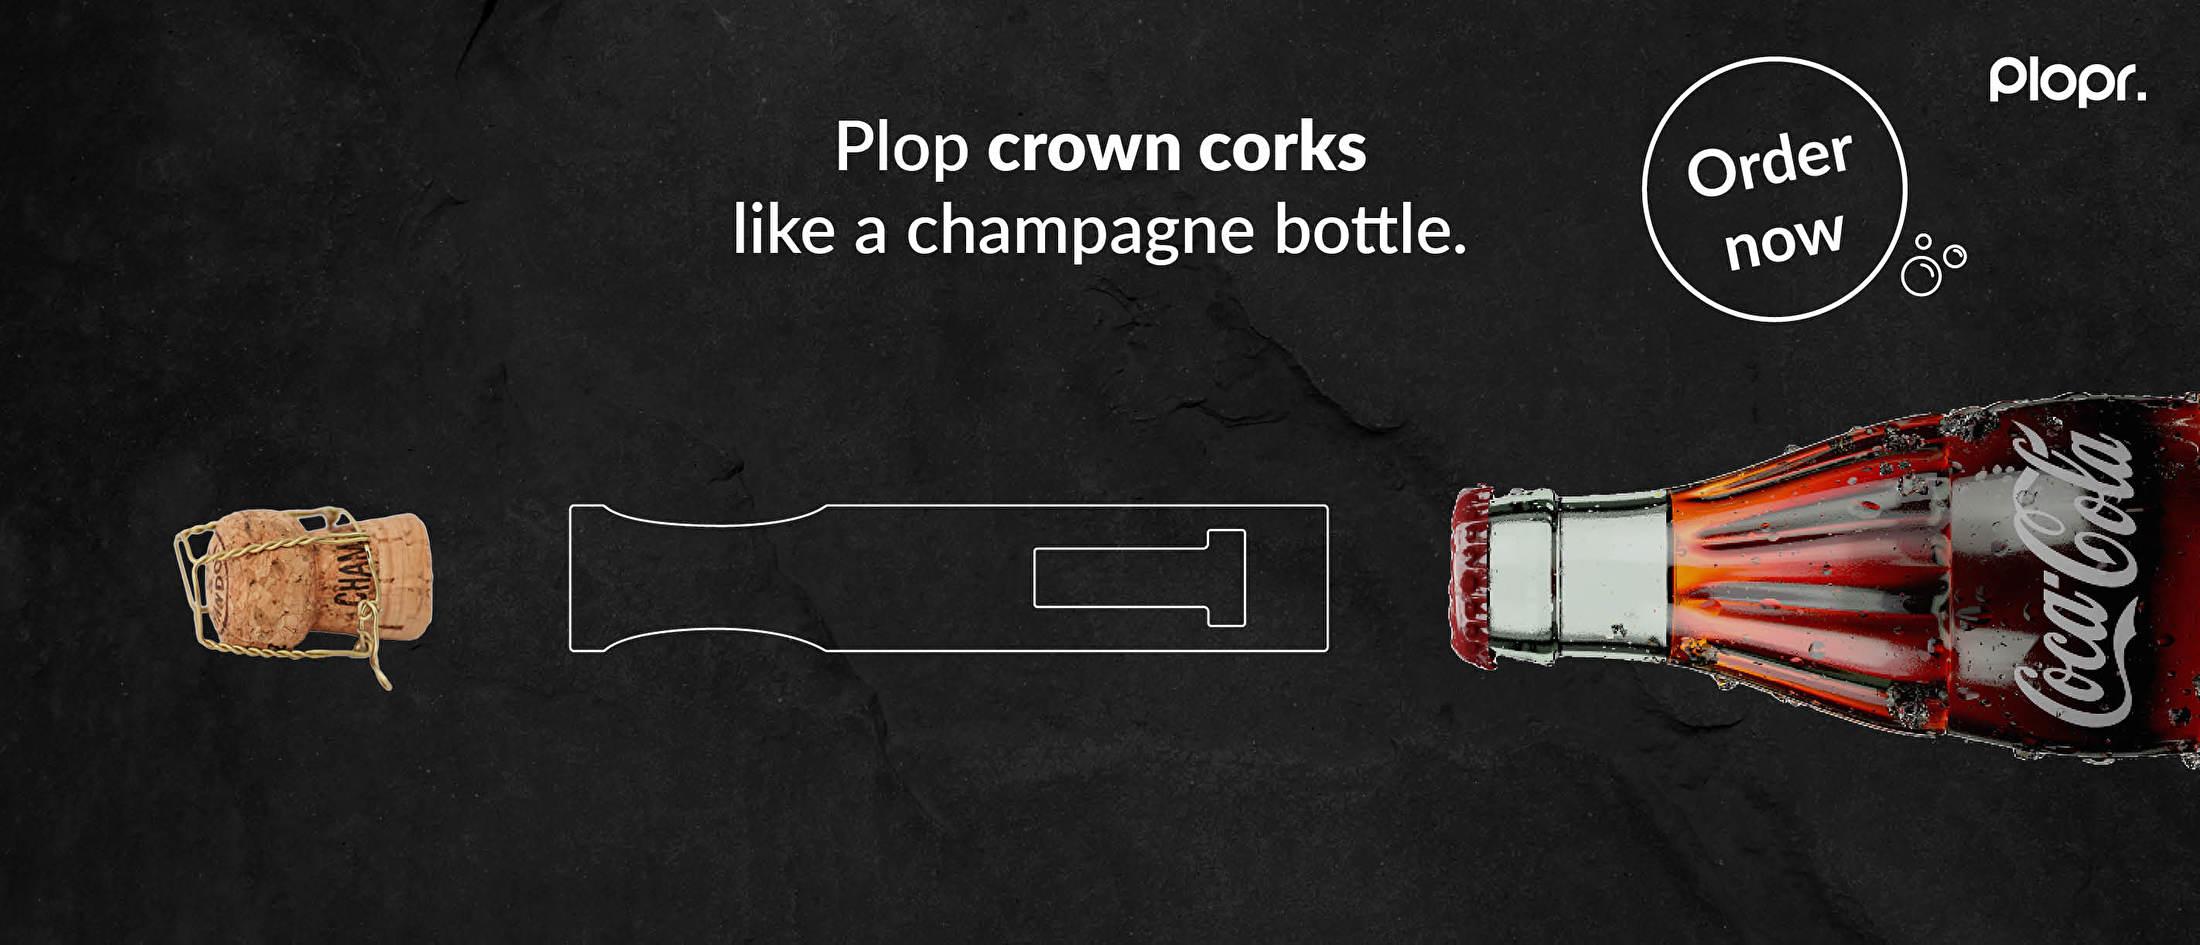 Plop krookkurken zoals een champagnekurk